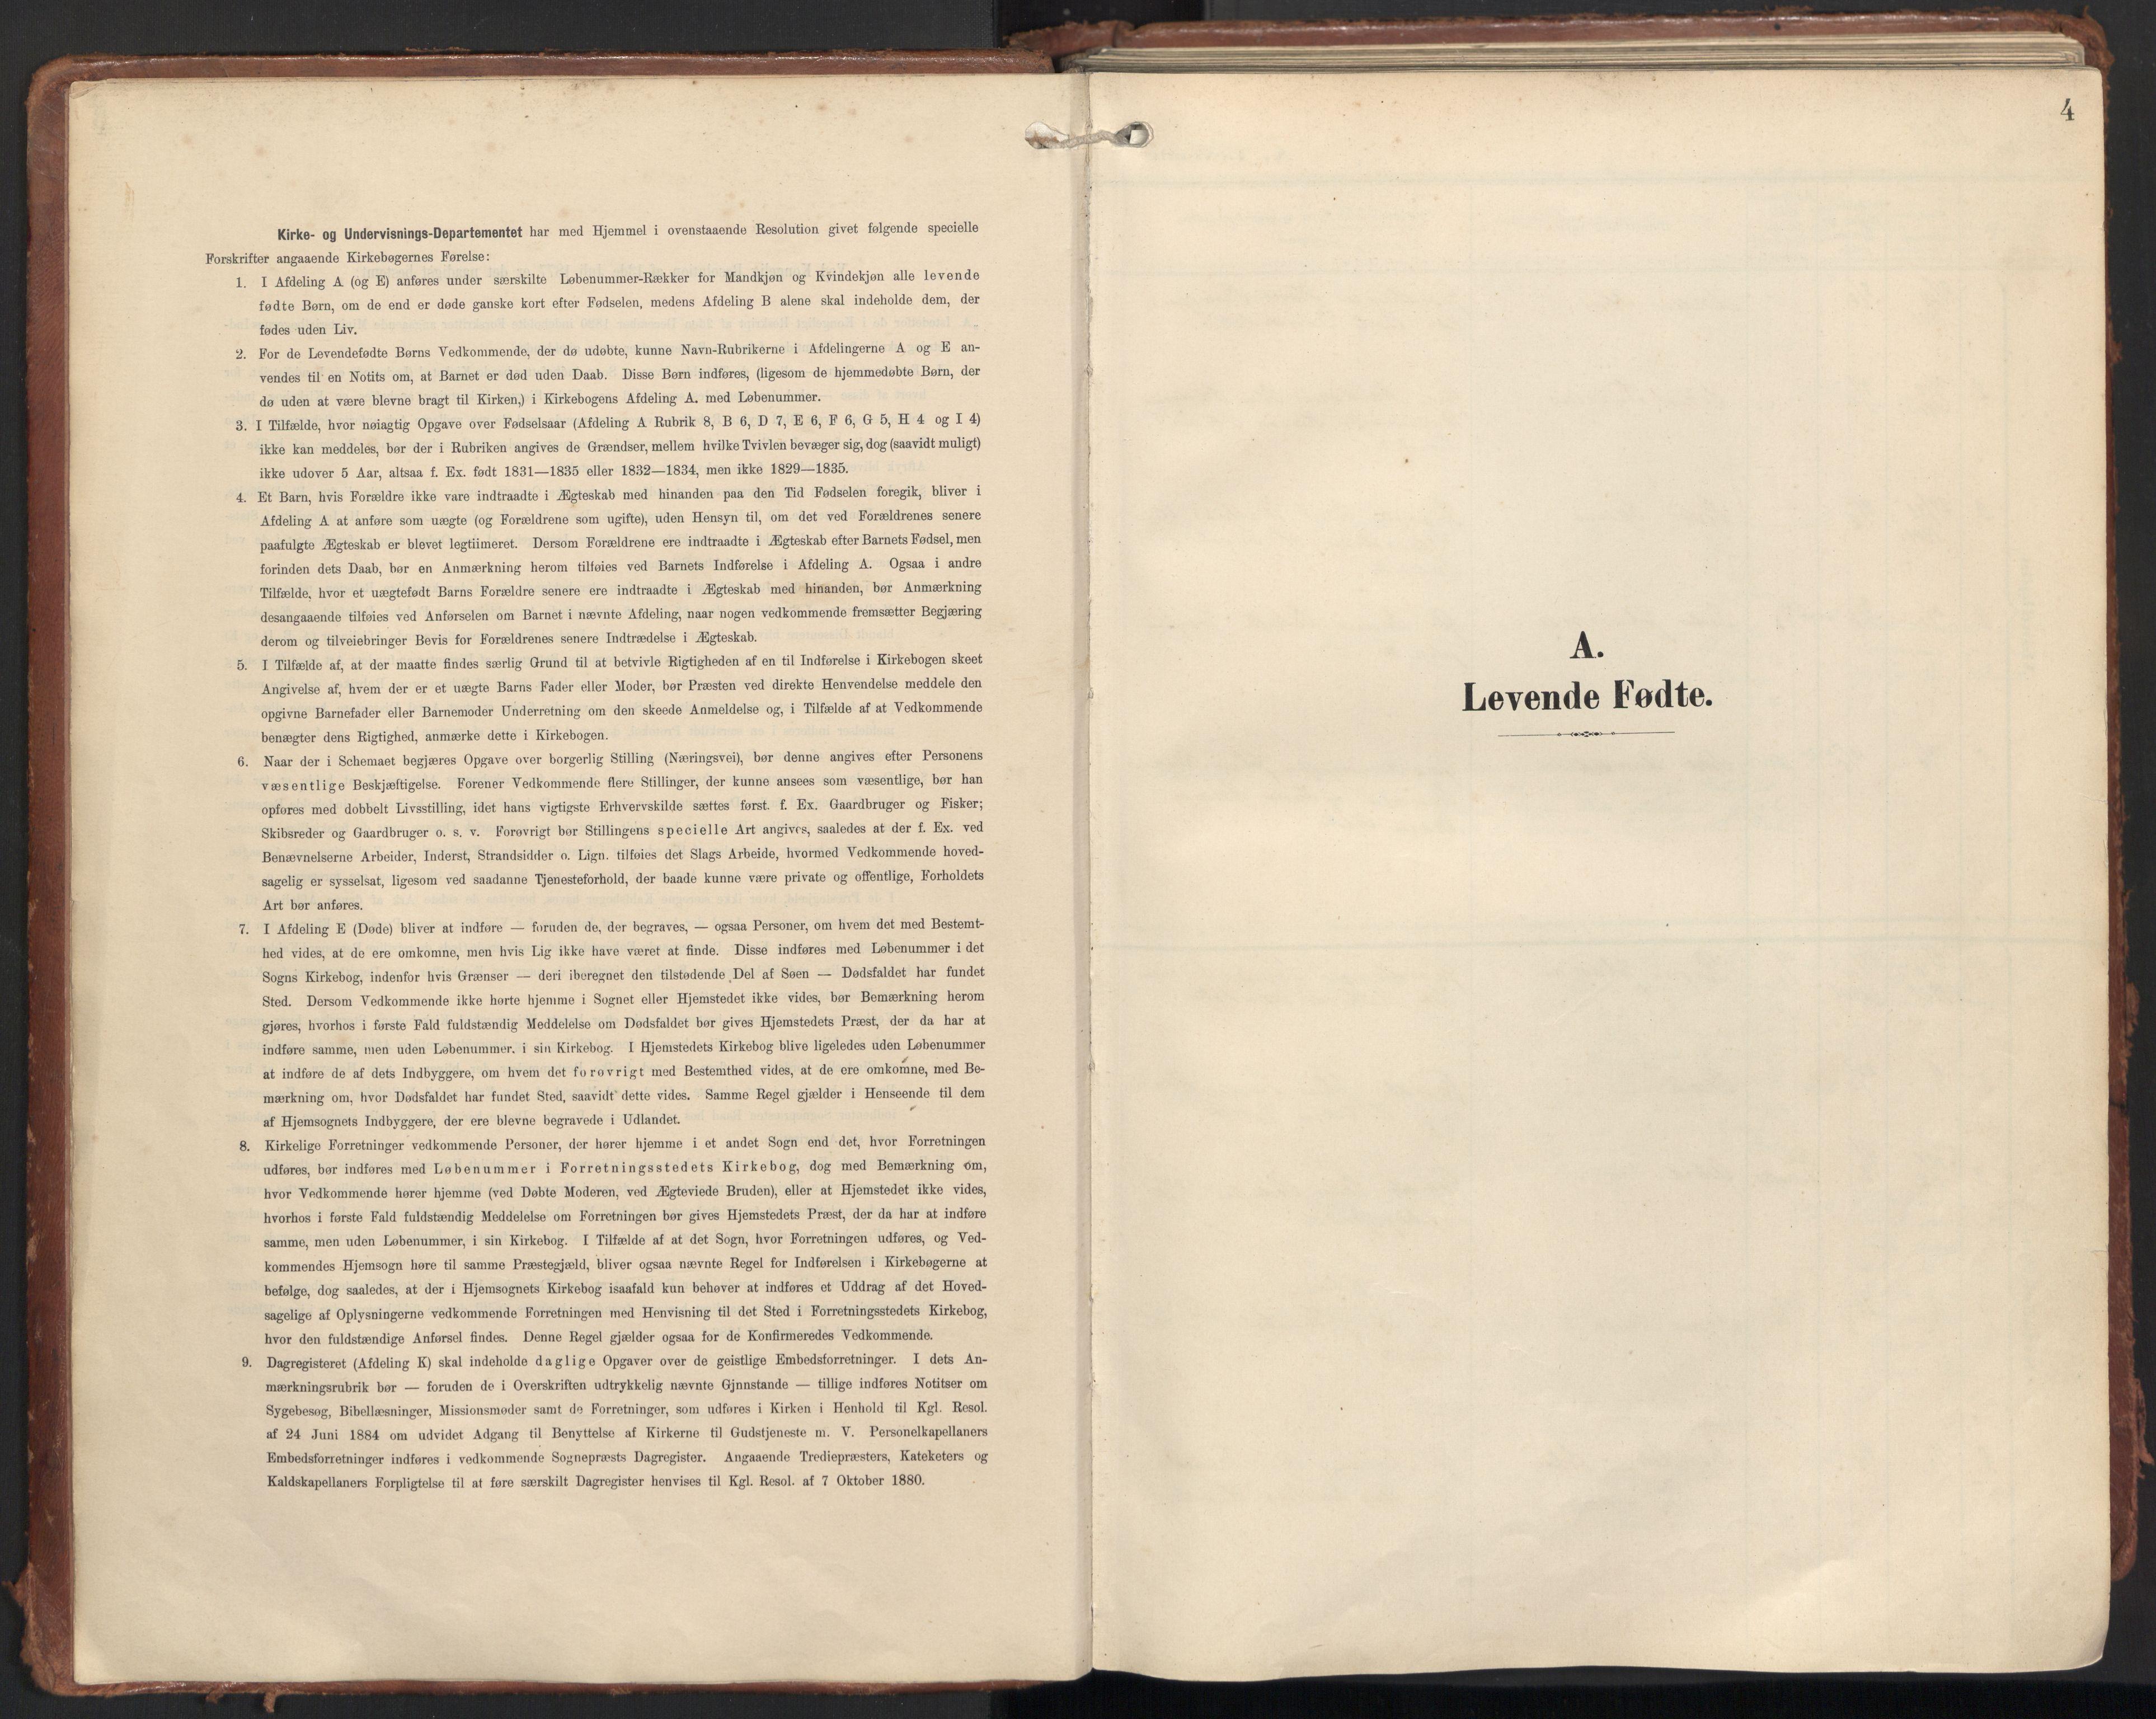 SAT, Ministerialprotokoller, klokkerbøker og fødselsregistre - Møre og Romsdal, 501/L0011: Ministerialbok nr. 501A11, 1902-1919, s. 4